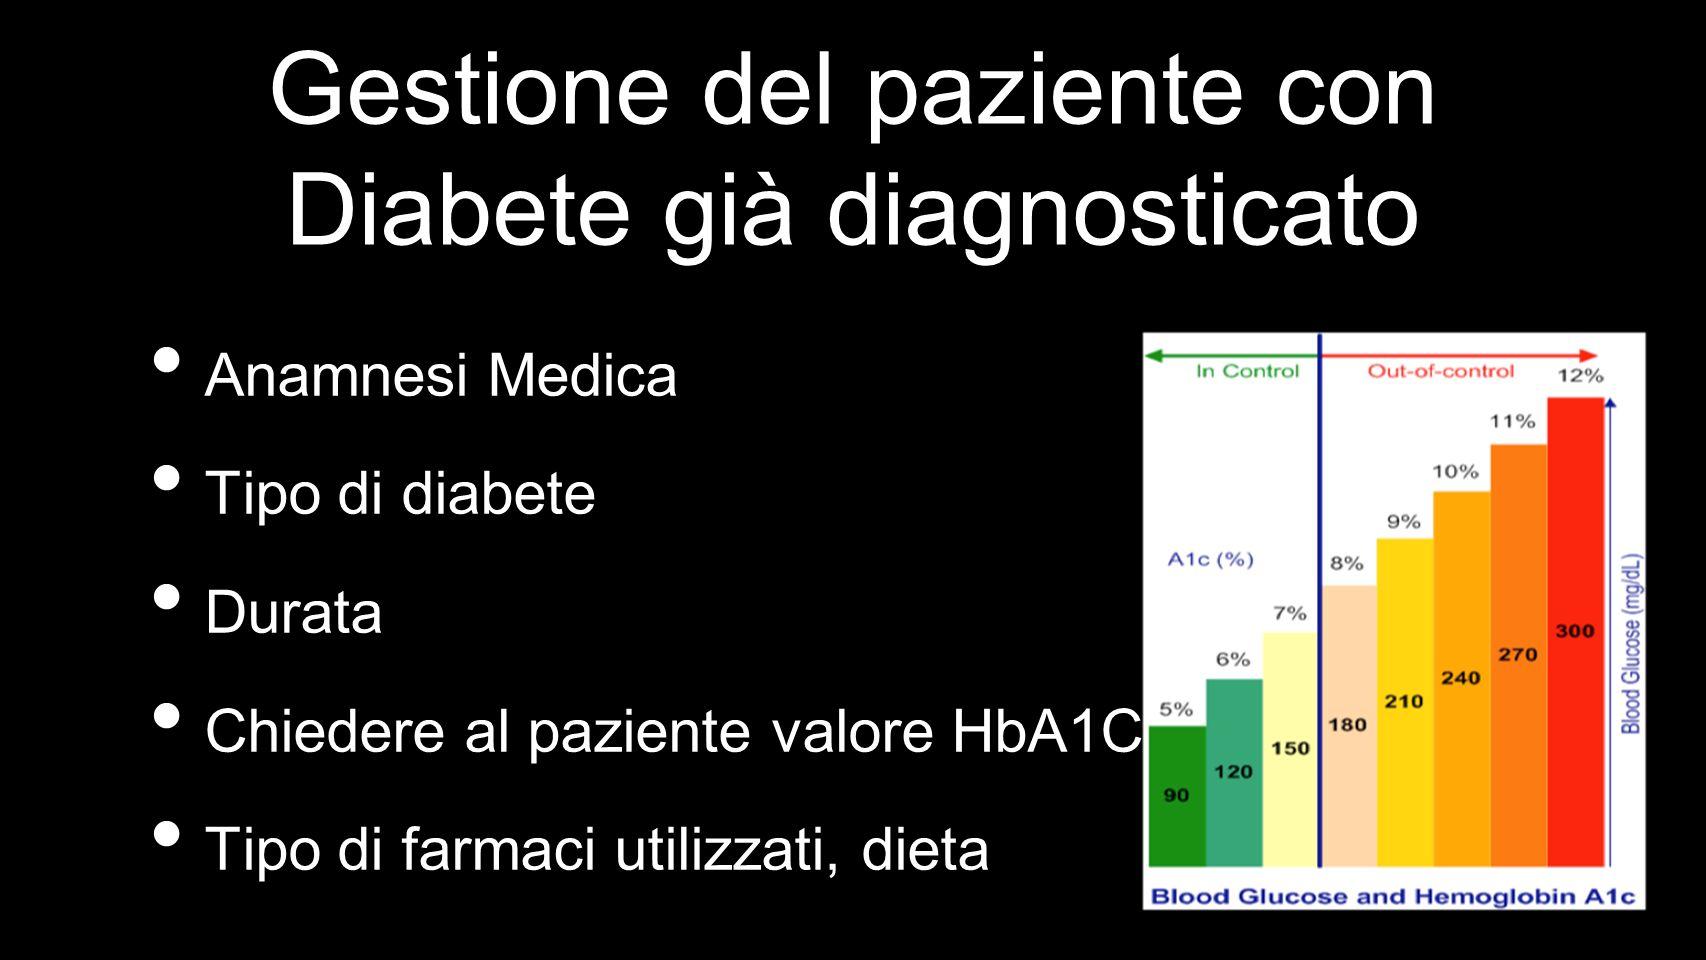 Gestione del paziente con Diabete già diagnosticato Anamnesi Medica Tipo di diabete Durata Chiedere al paziente valore HbA1C Tipo di farmaci utilizzati, dieta